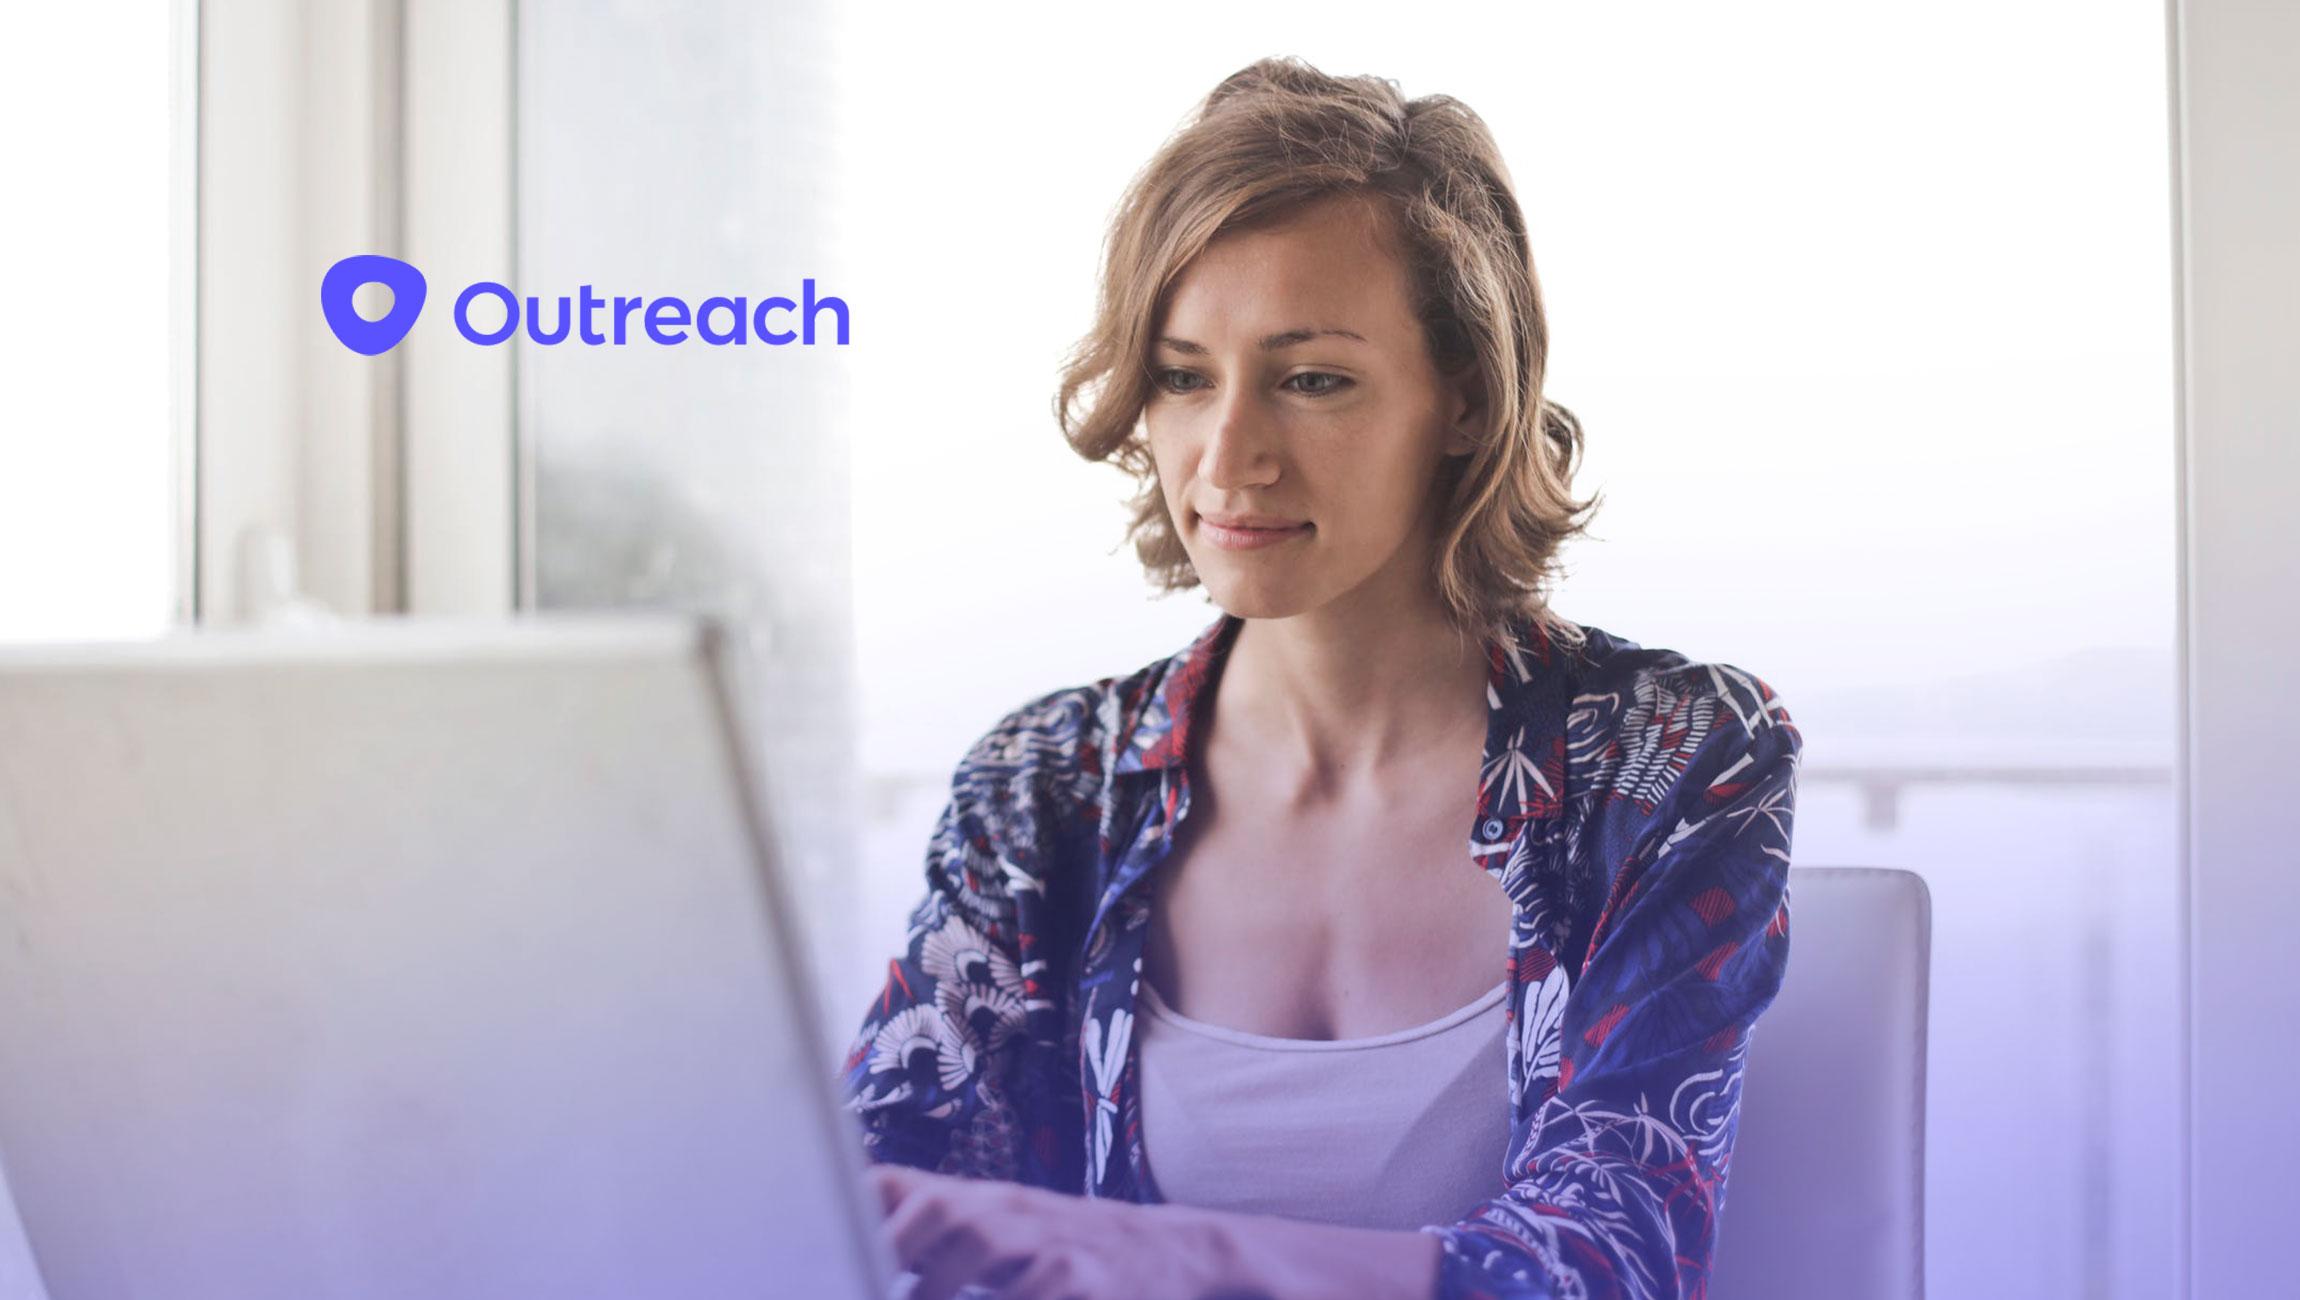 Outreach Announces Unleash 2019 For Enterprise Sales Engagement